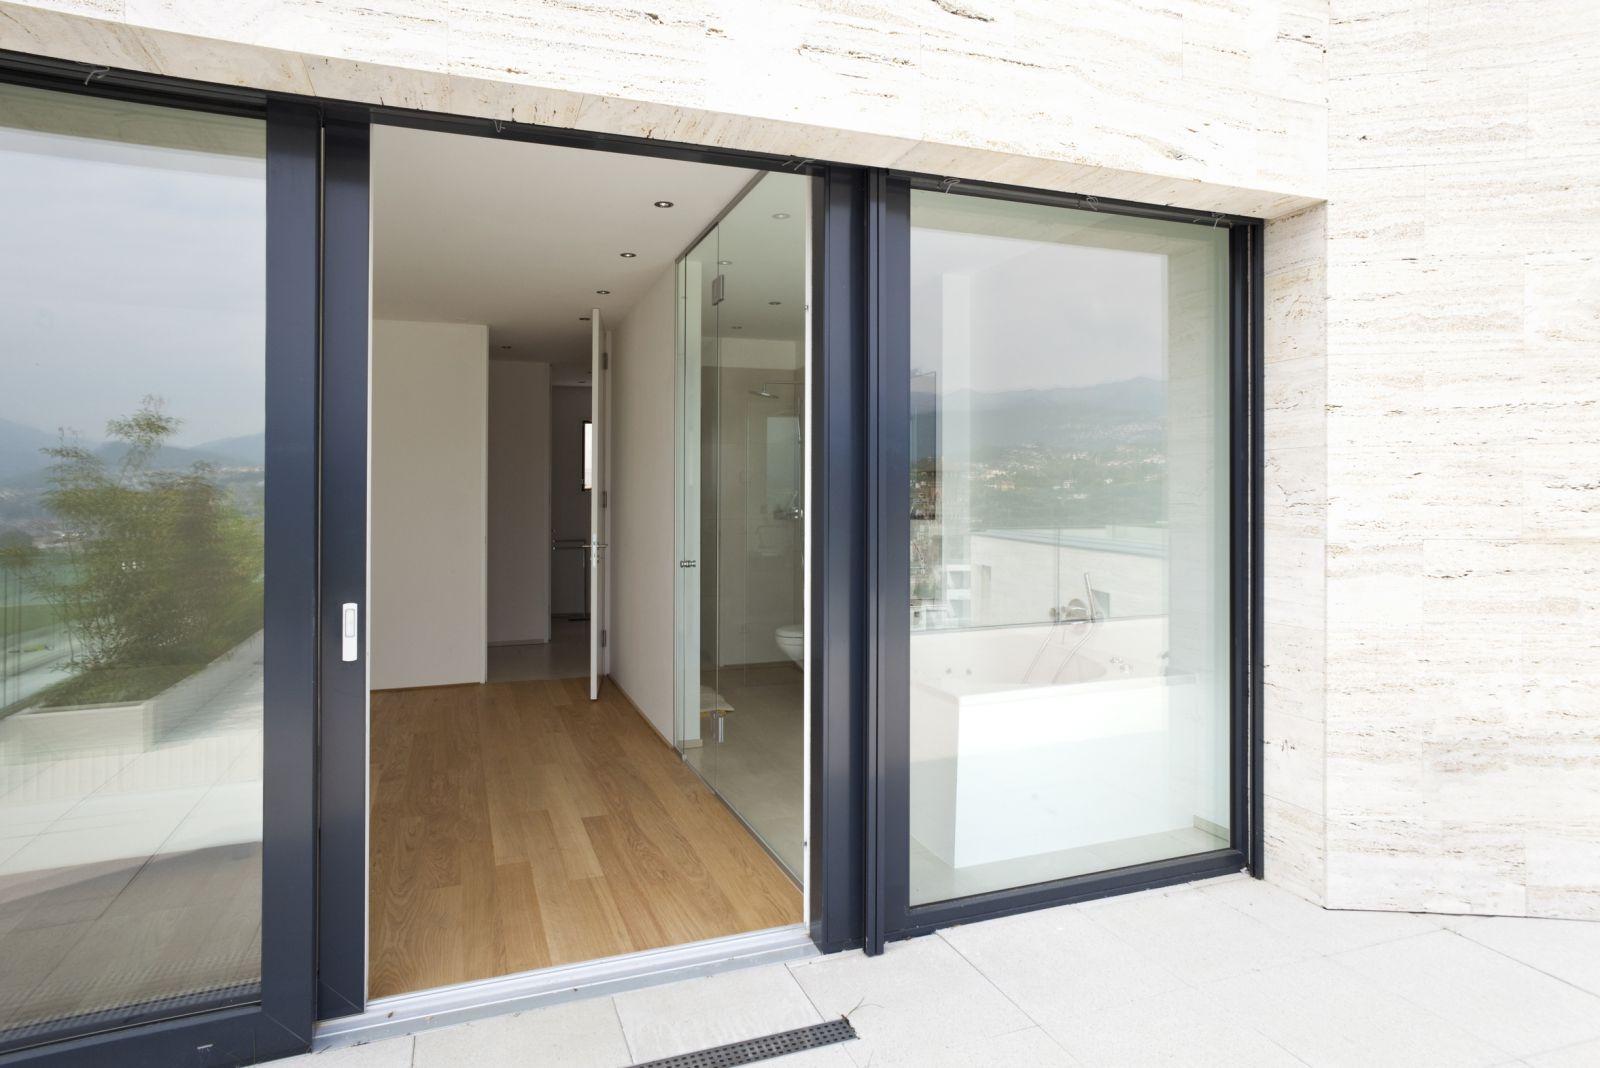 Заказать остекление балконов раздвижными пластиковыми окнами.